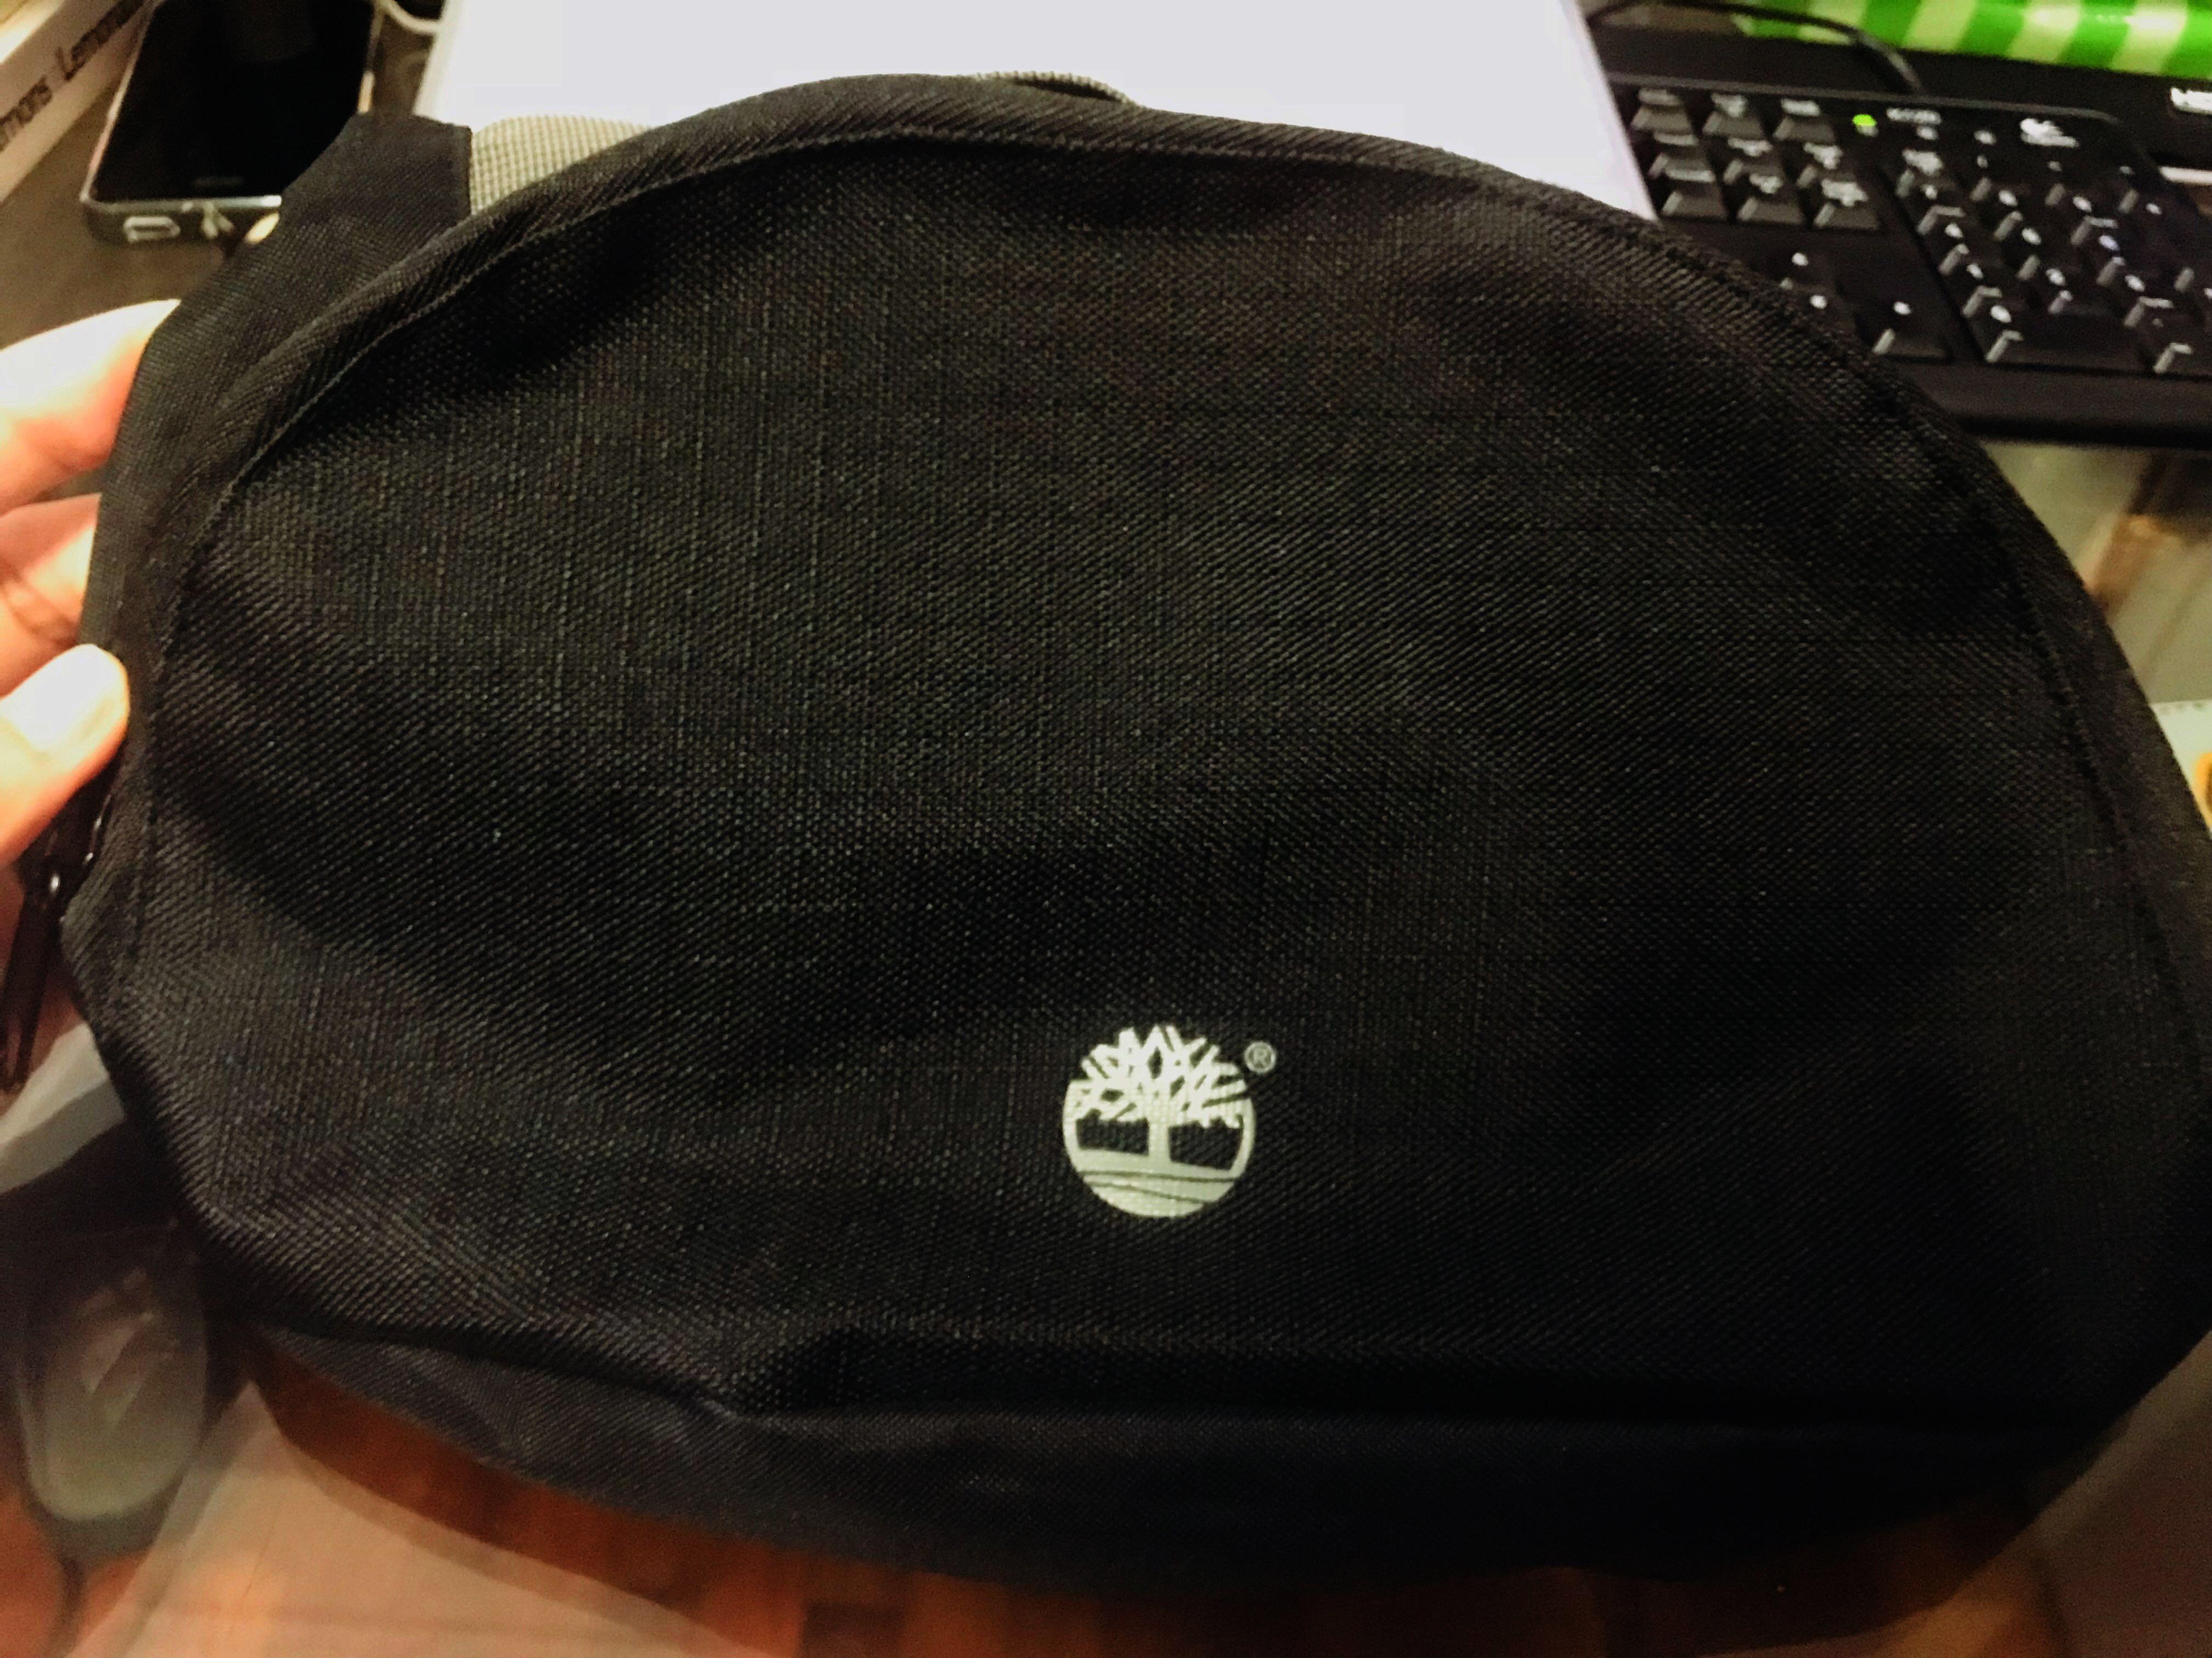 Timberland light weight bumbag bum bag waist bag sling  5ed35056c2708